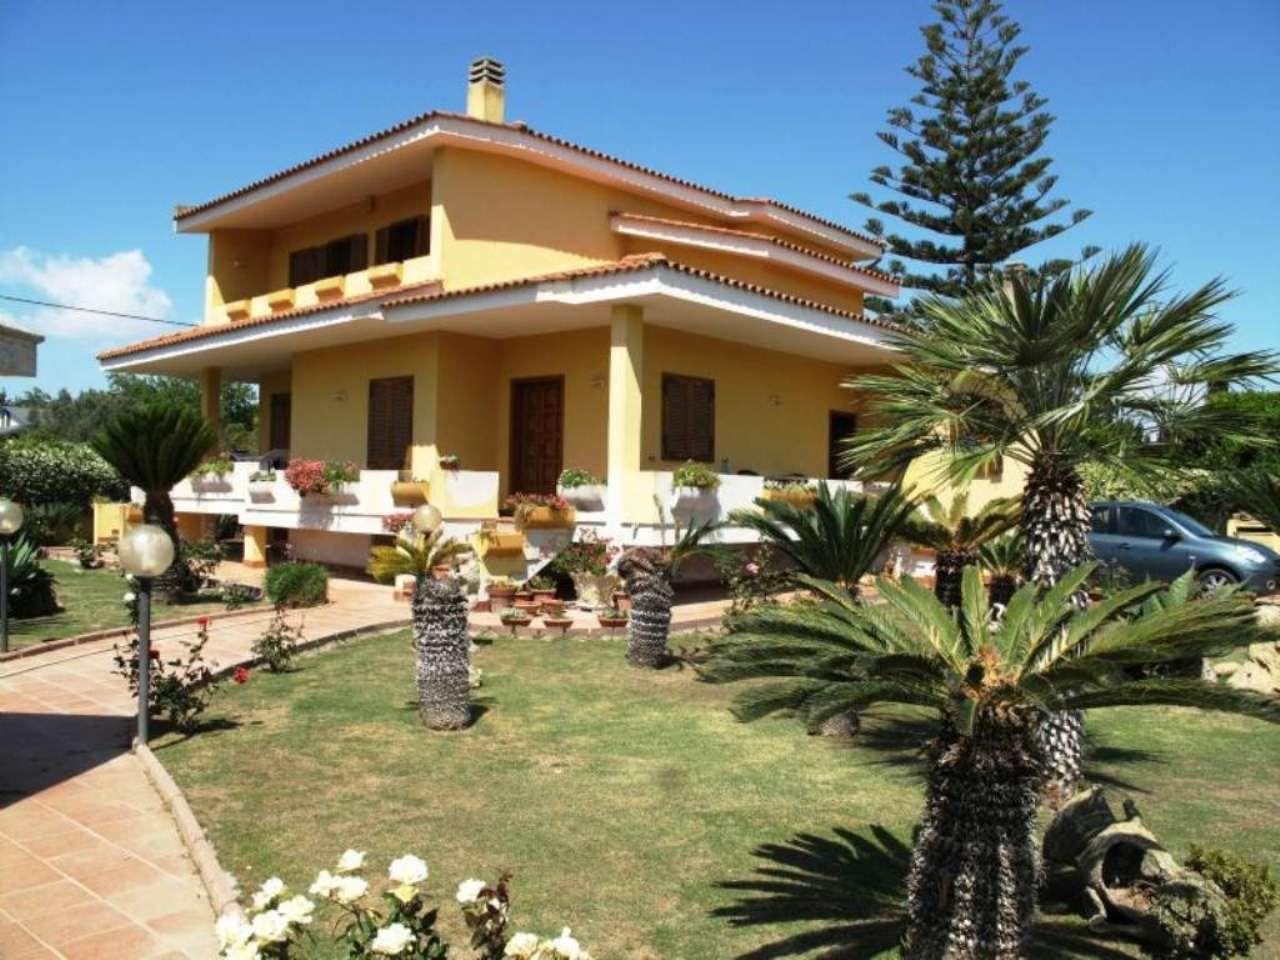 Villa in vendita a Quartu Sant'Elena, 6 locali, prezzo € 350.000 | Cambio Casa.it